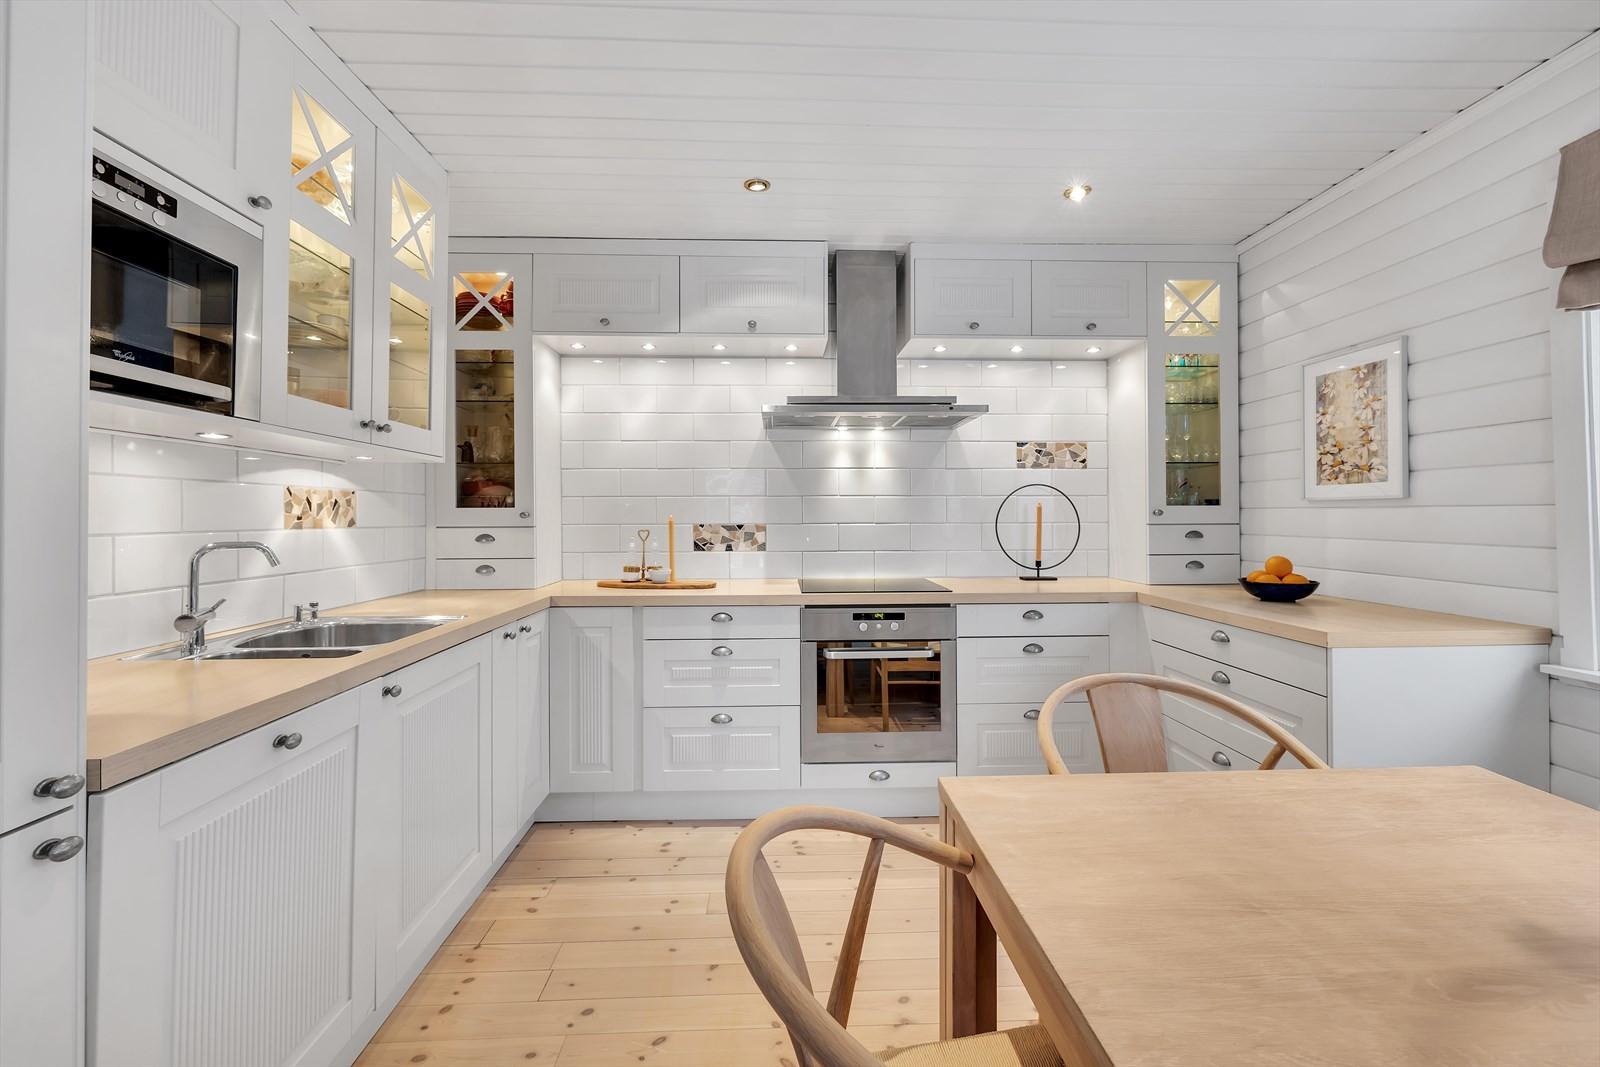 Romslig Norema kjøkken med integrerte hvitevarer. God benke og skapplass.